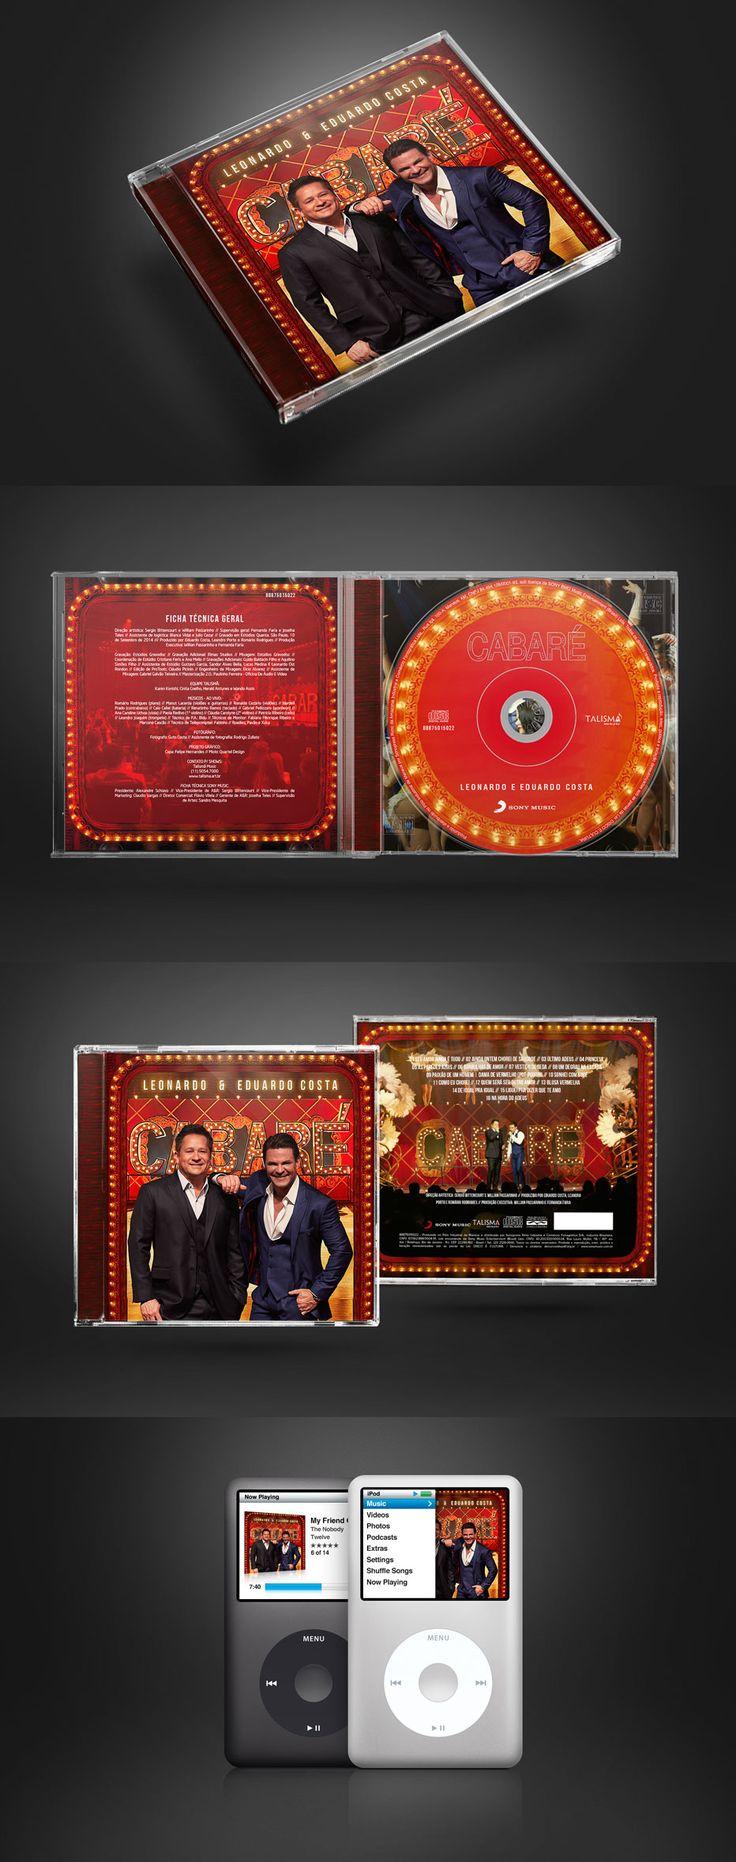 CD Cabaré - Leonardo e Eduardo Costa - Quartel Design - Quartel Design